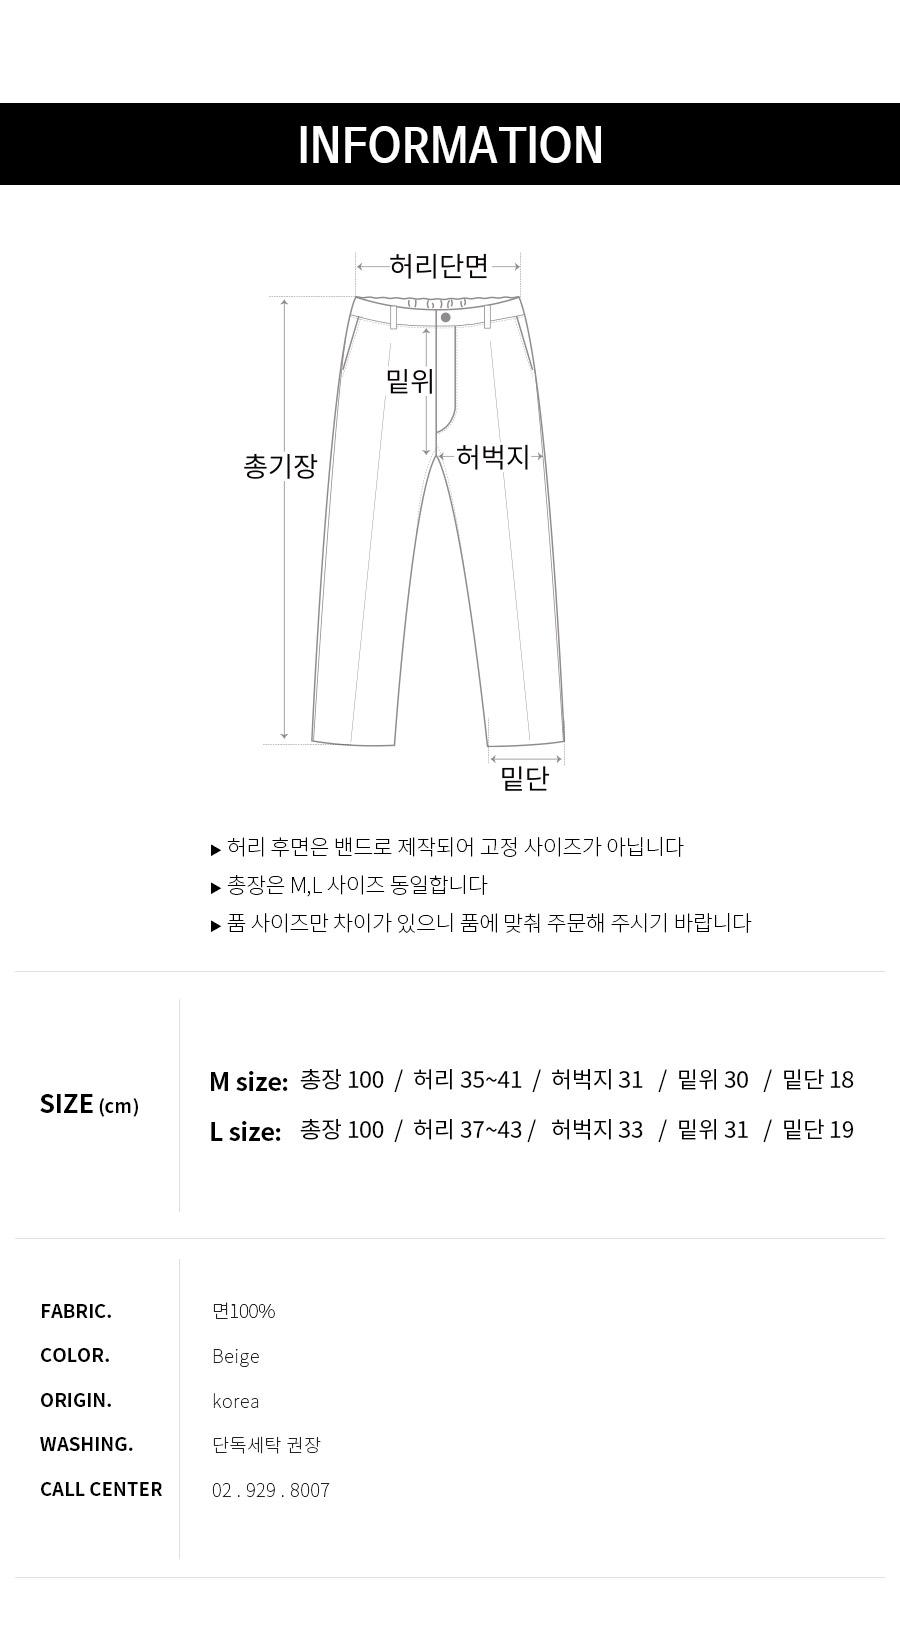 텐블레이드(TENBLADE) 코튼 네츄럴 팬츠_베이지